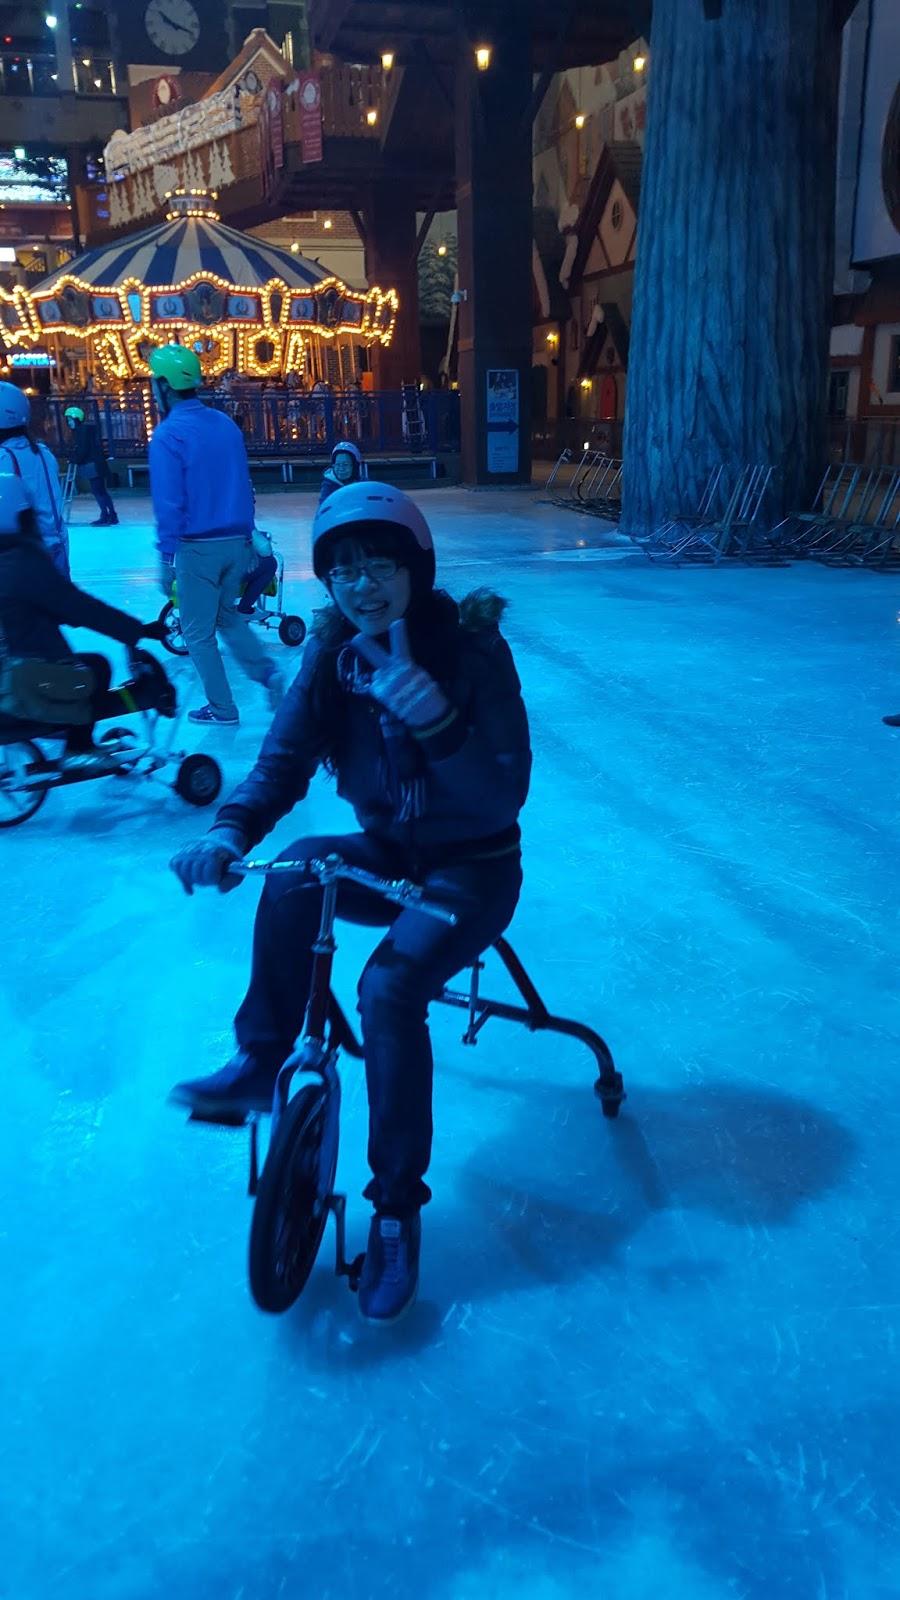 冰上腳踏車